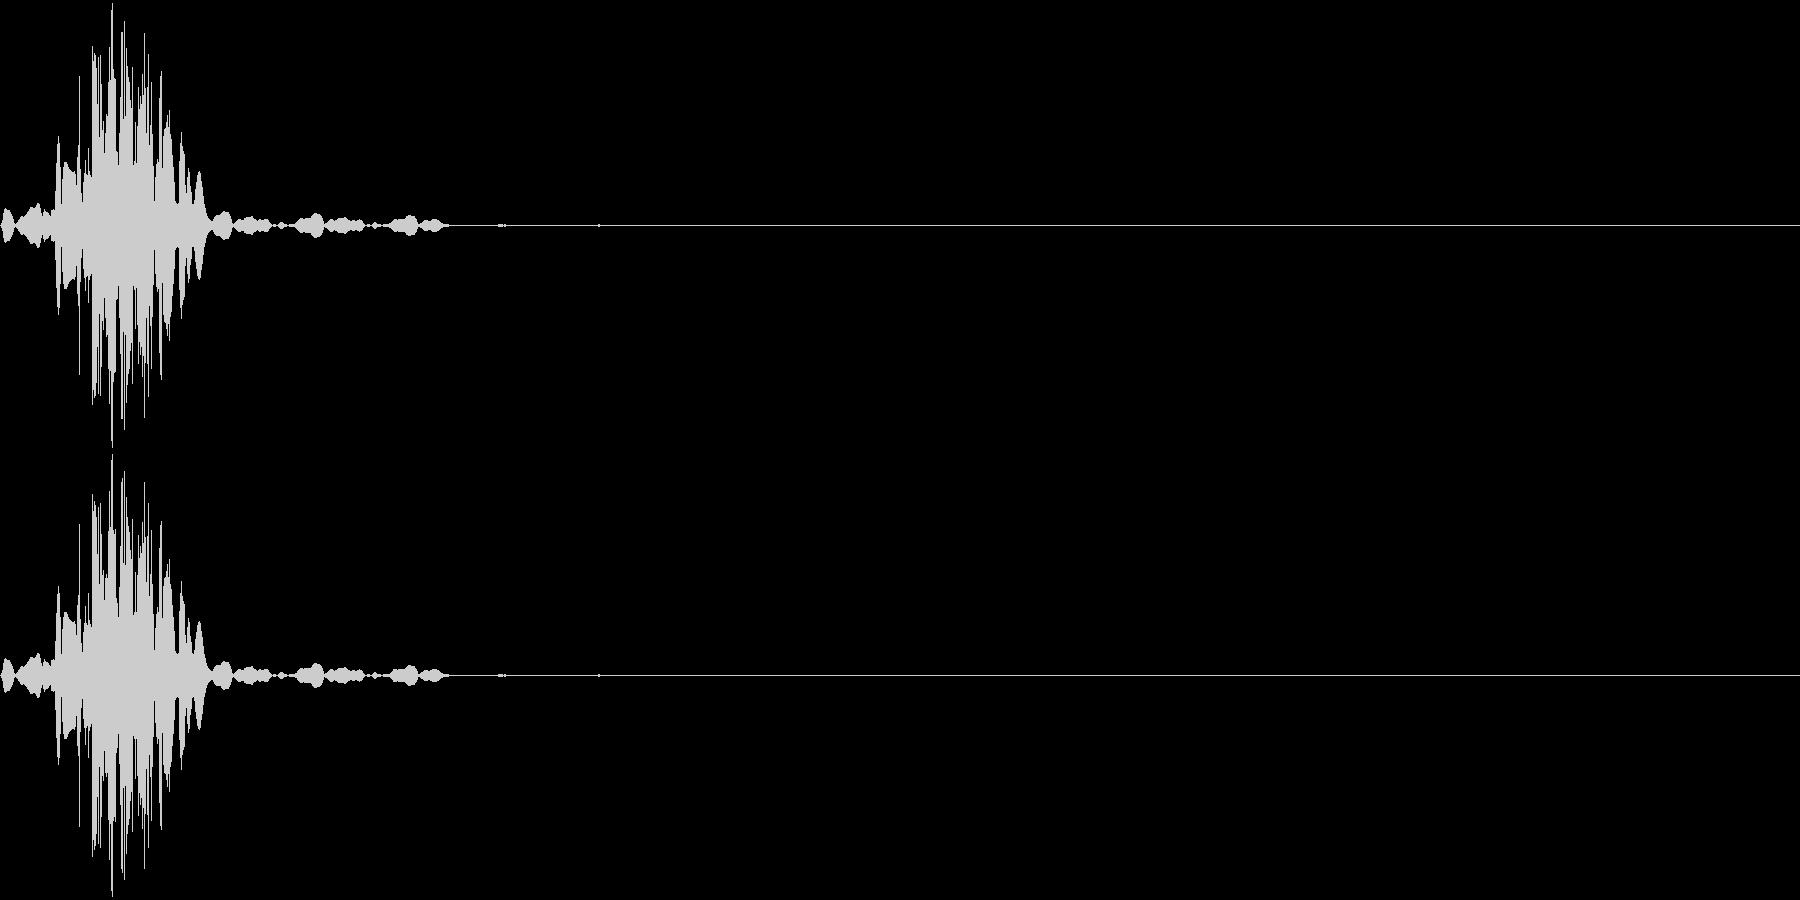 KAKUGE 格闘ゲーム戦闘音 9の未再生の波形